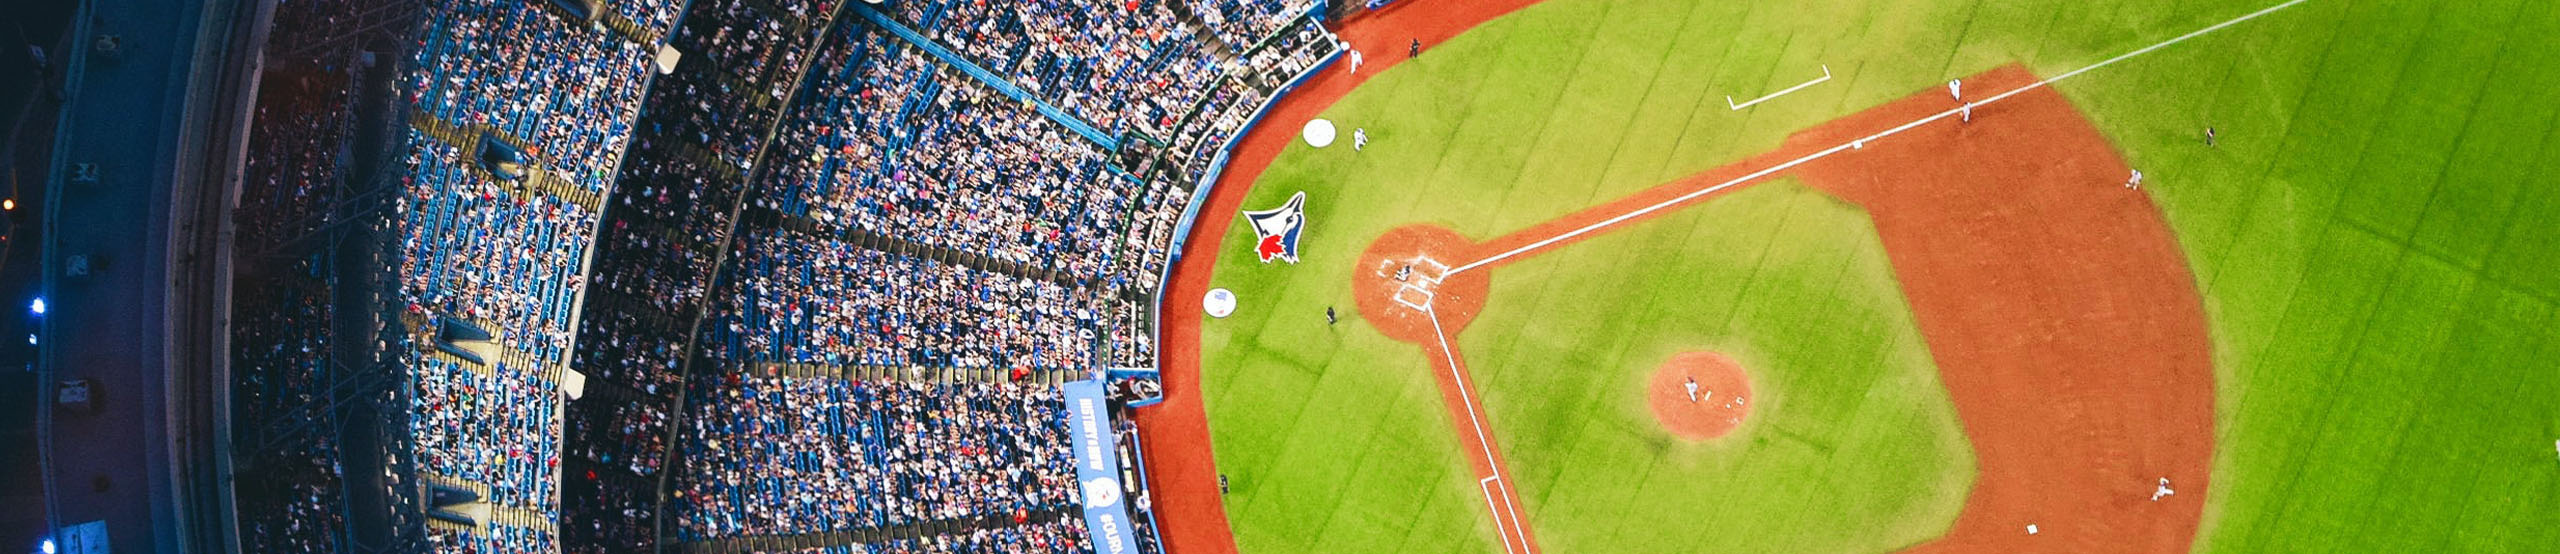 Baseball Field | Naples Global Advisors, SEC Registered Investment Advisor